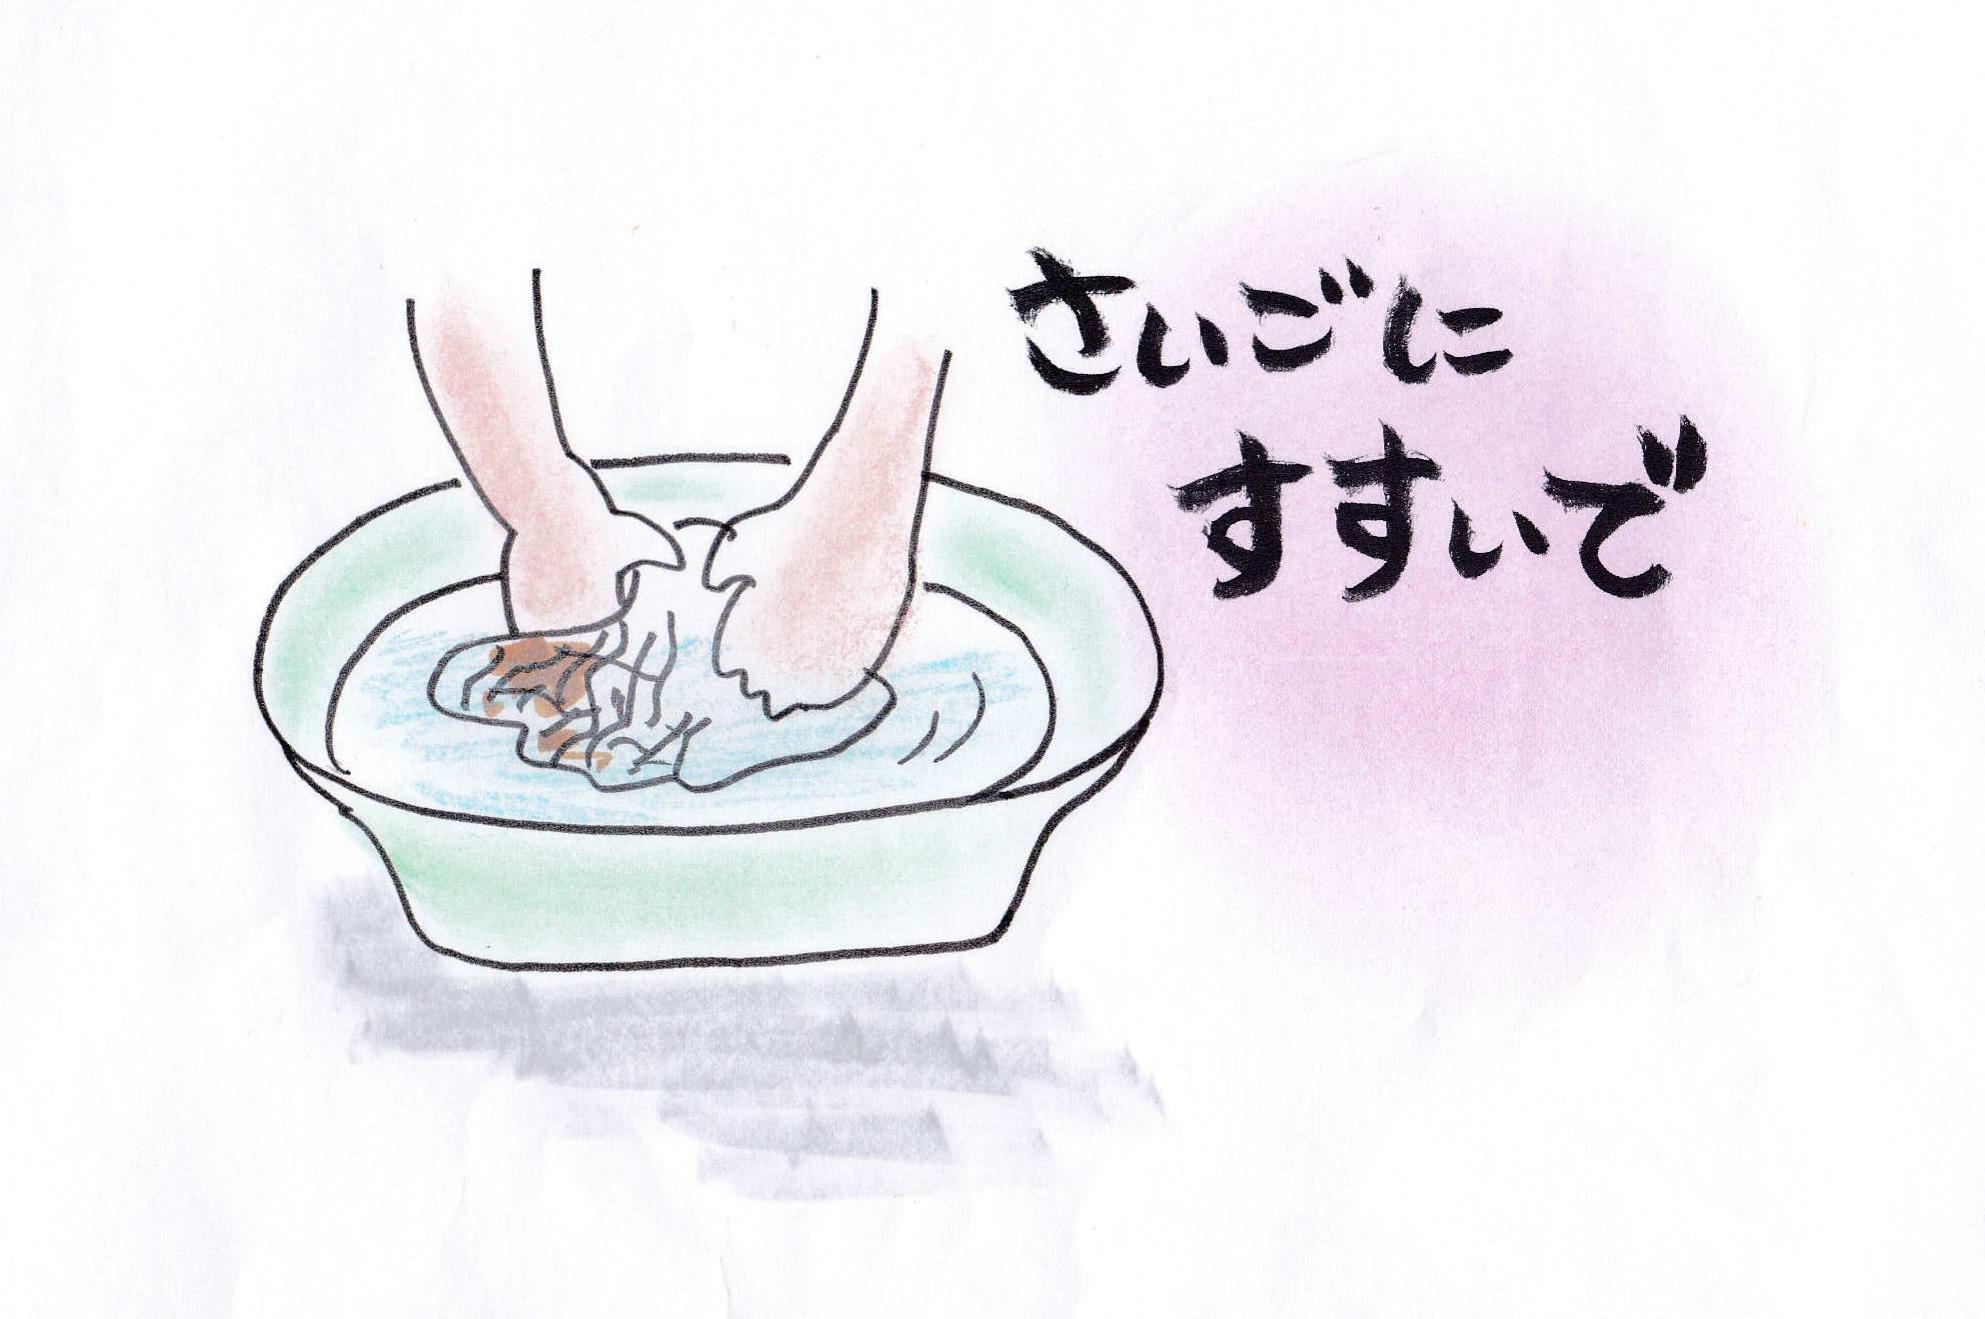 お肌洗いをすすぐ時も、石けんは使わないで下さい。